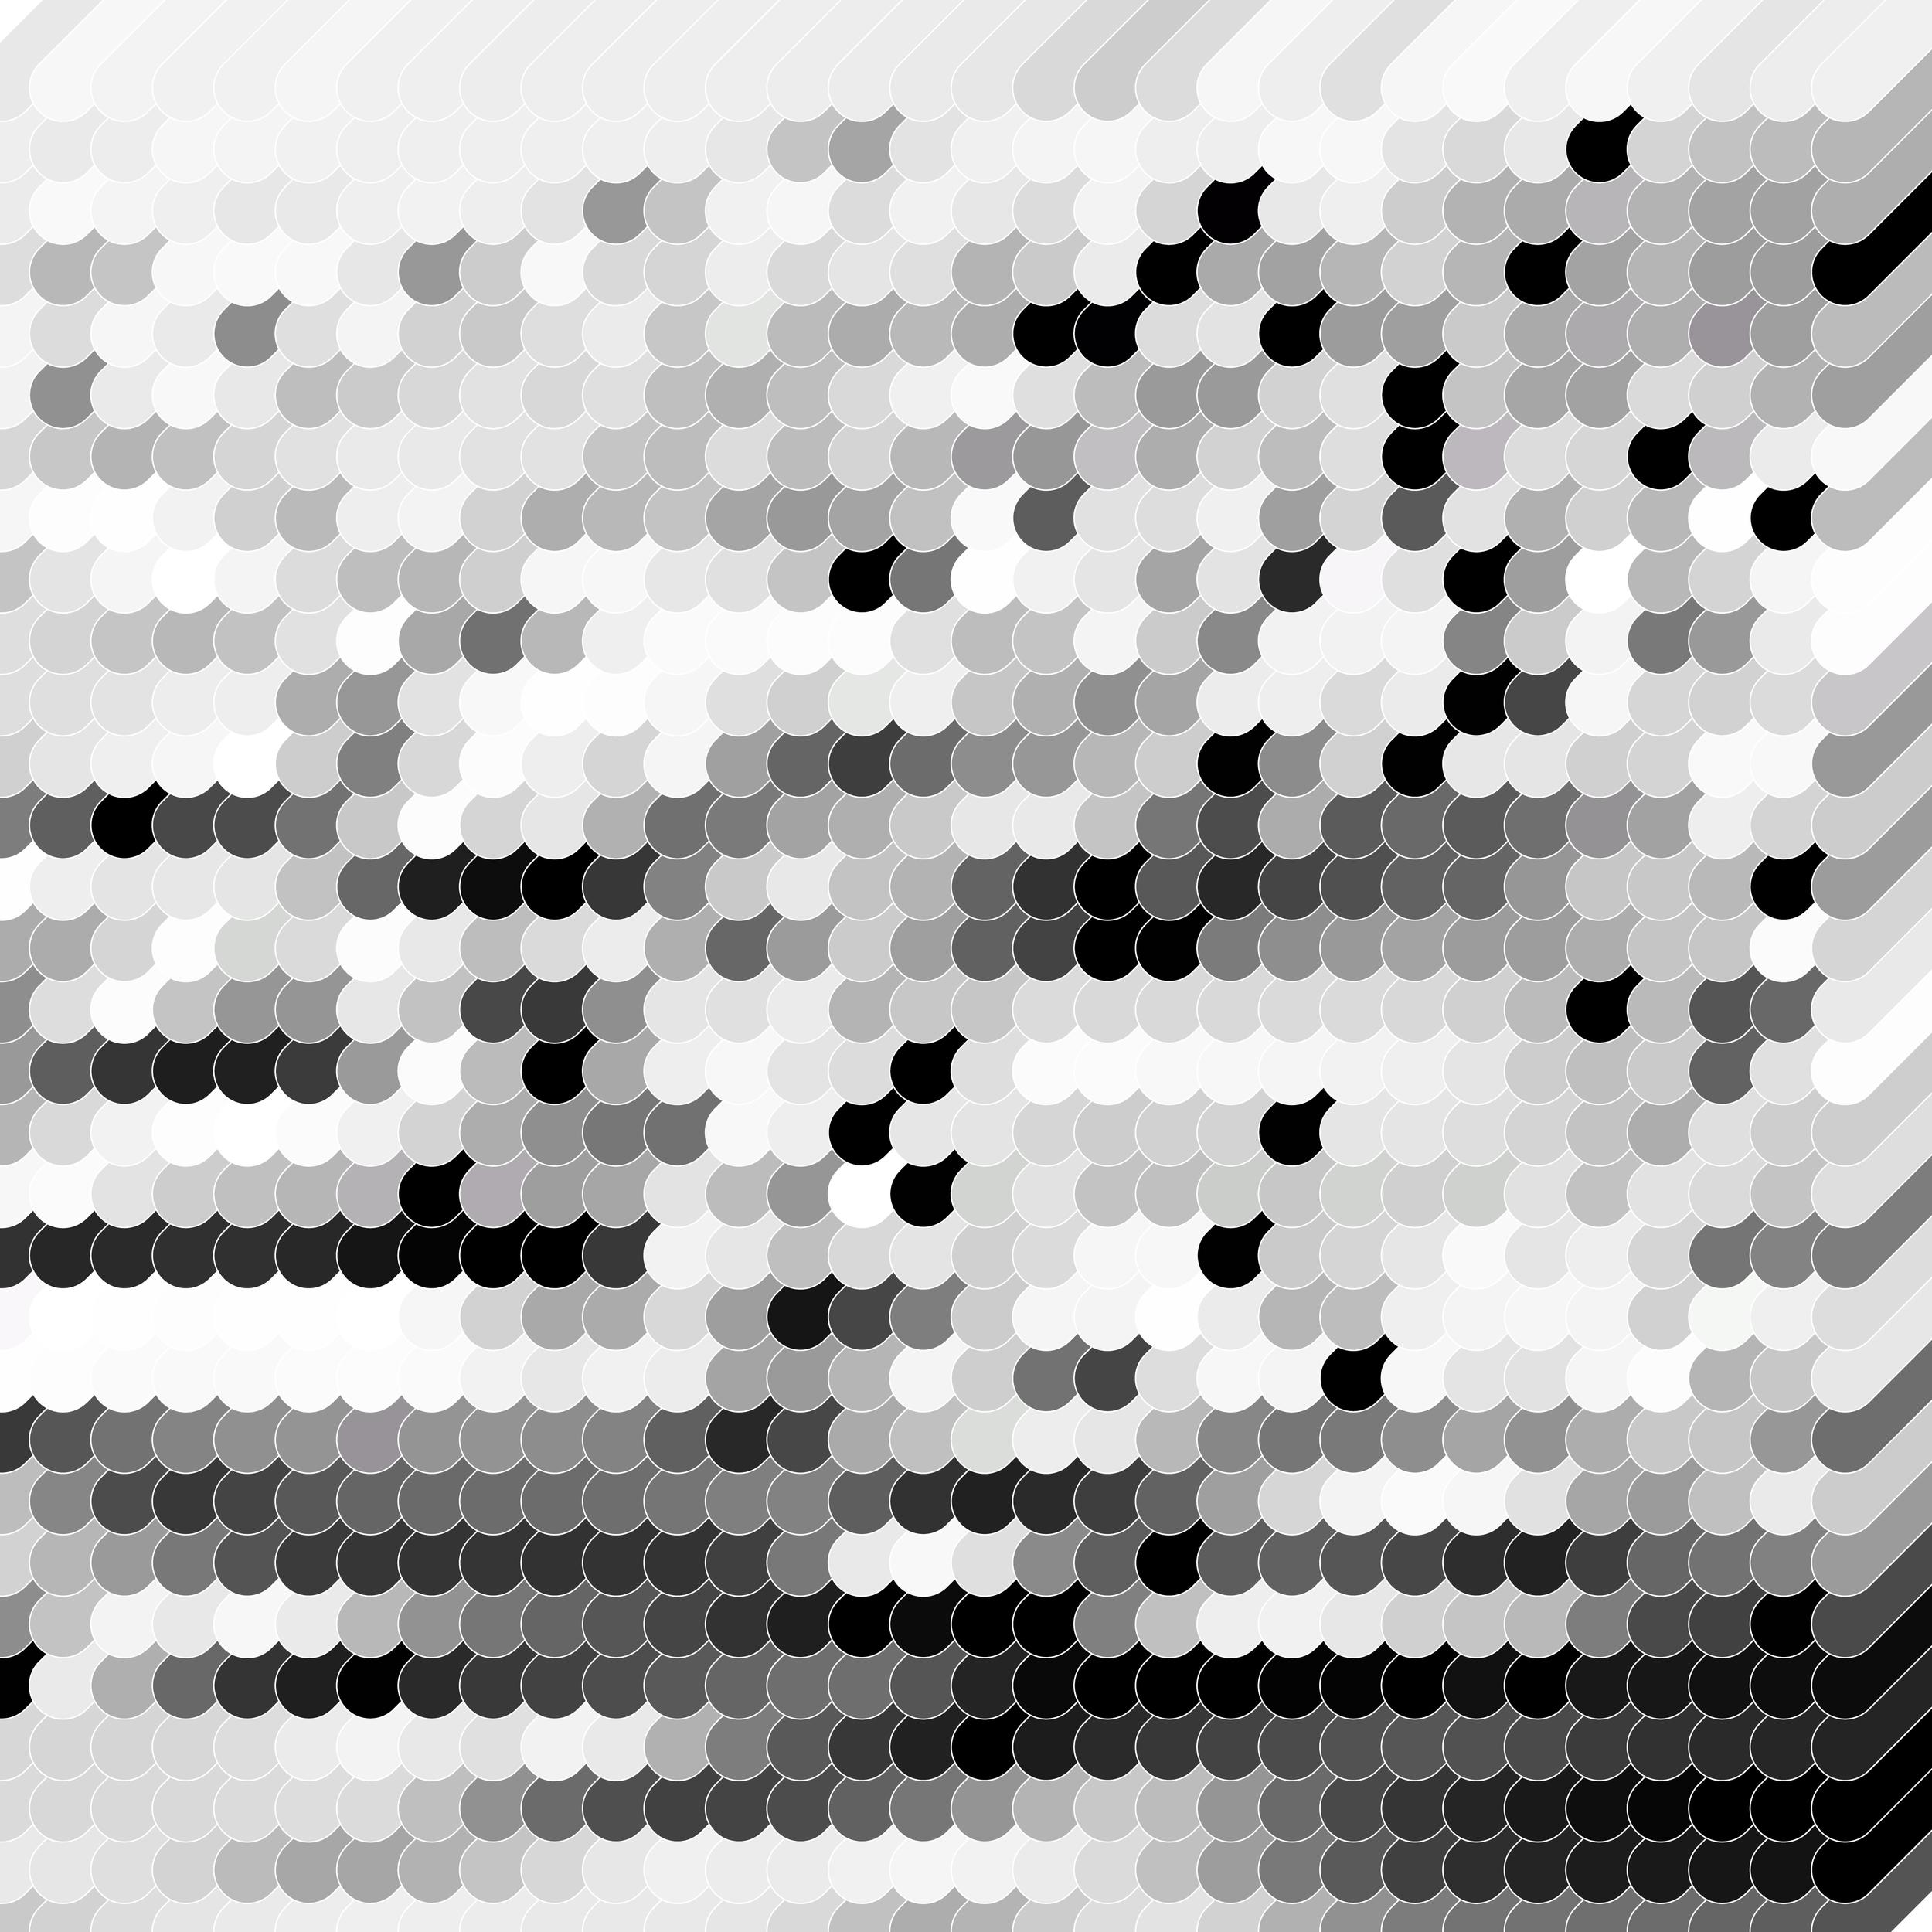 2017 04 10 pixelationJ0.png